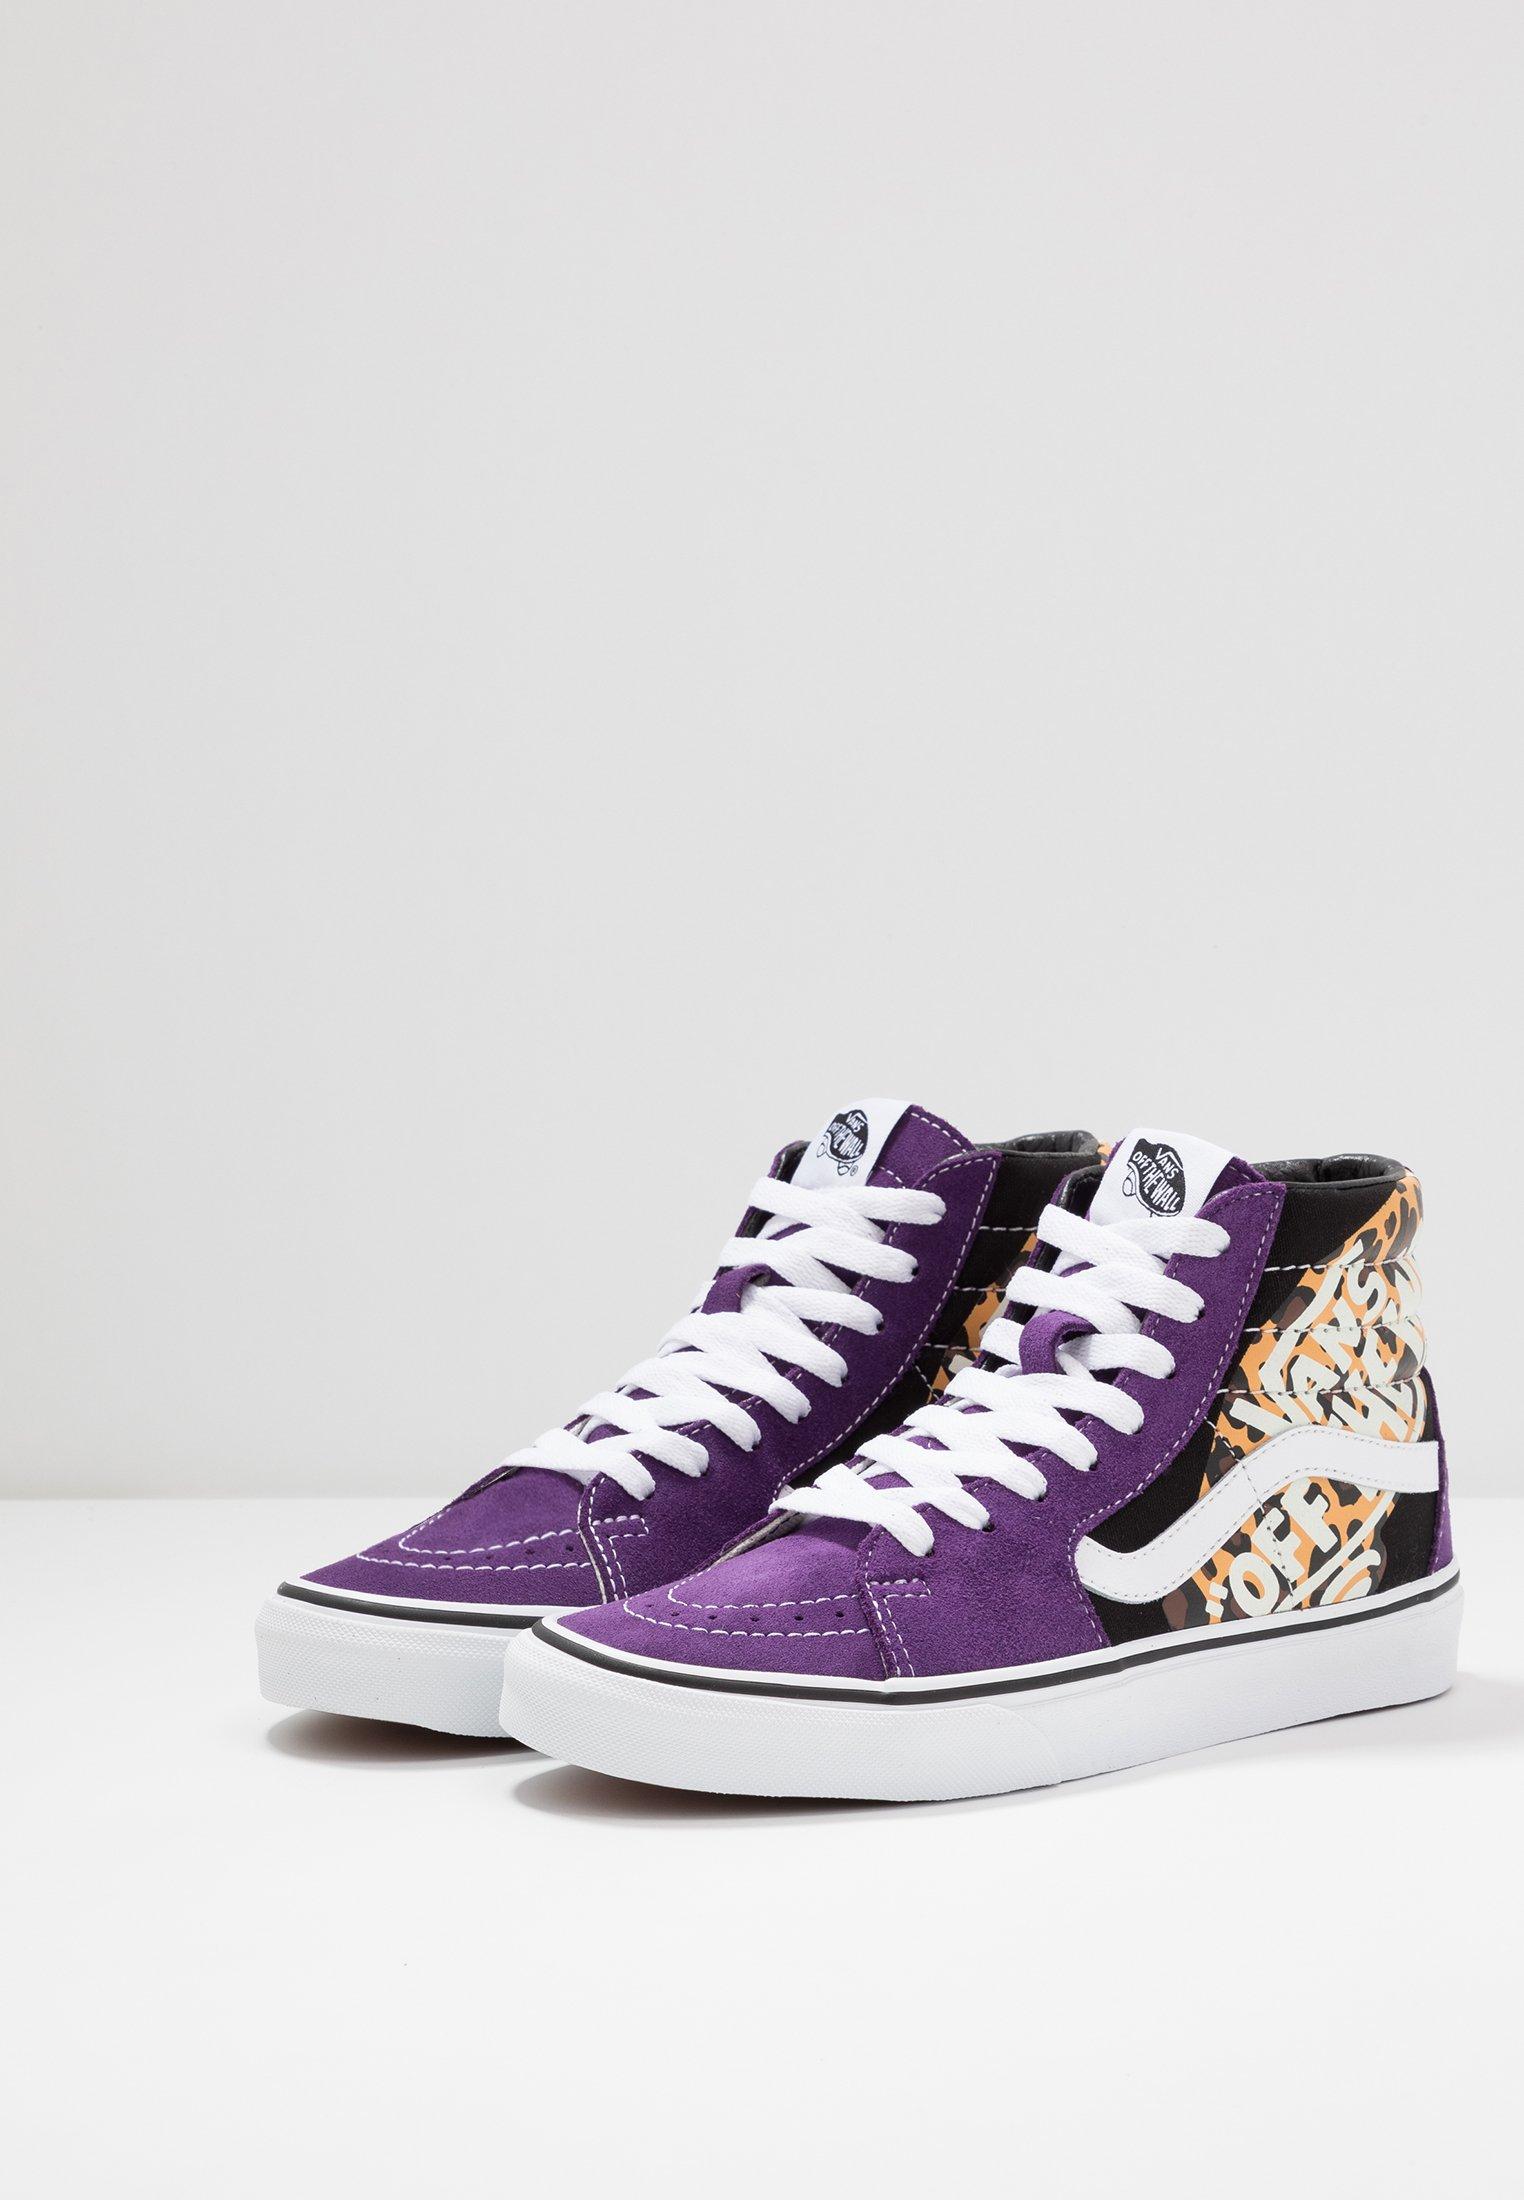 indigo true Vans SK8Baskets violet montantes white ny8w0OvmN